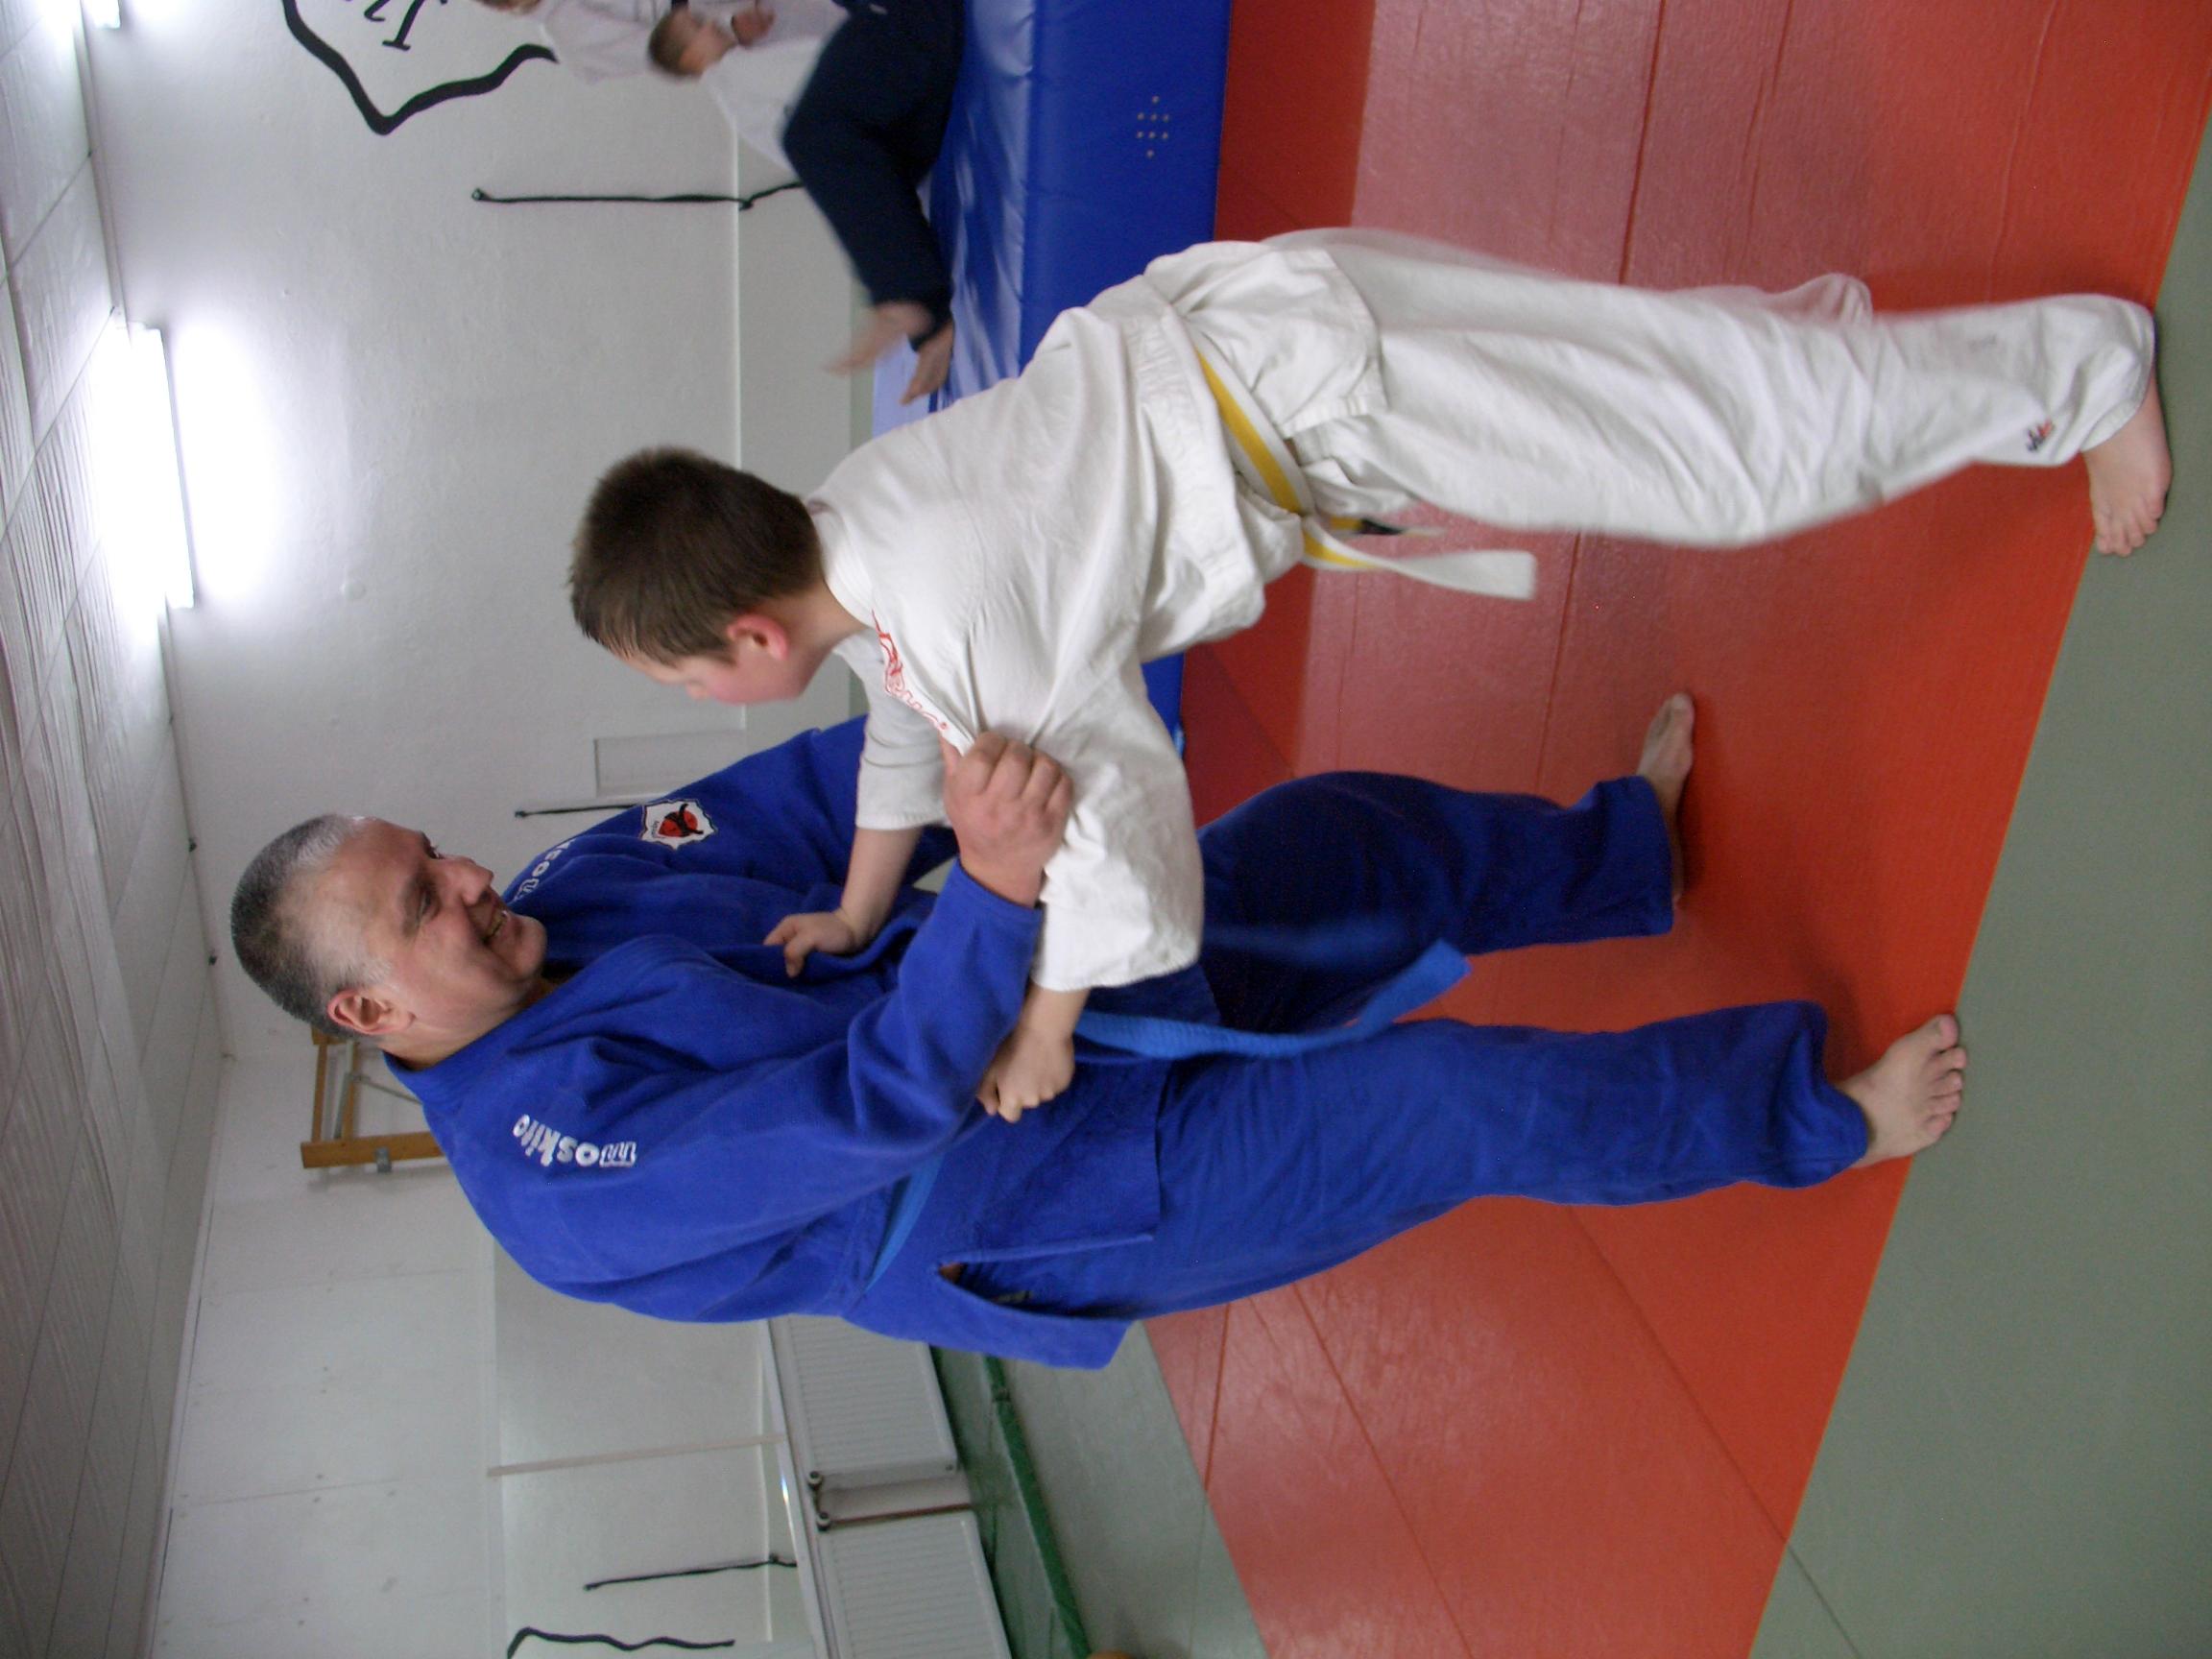 André Hüller trainiert Judo mit Sohn Andy Hüller